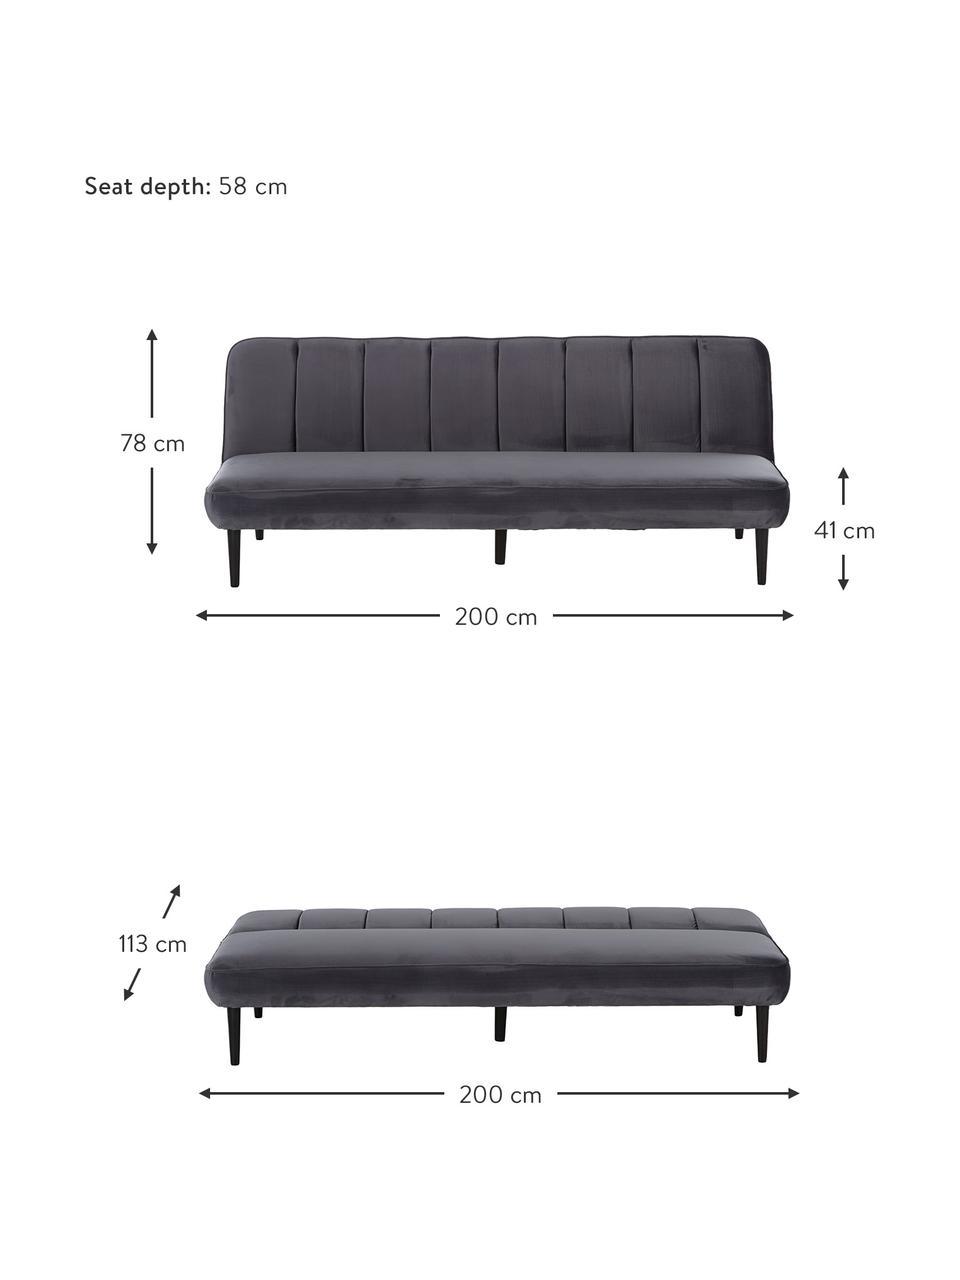 Sofa z aksamitu z drewnianymi nogami i funkcją spania Hayley, Tapicerka: aksamit (poliester) Dzięk, Nogi: drewno kauczukowe, lakier, Aksamitny szary, S 200 x G 89 cm